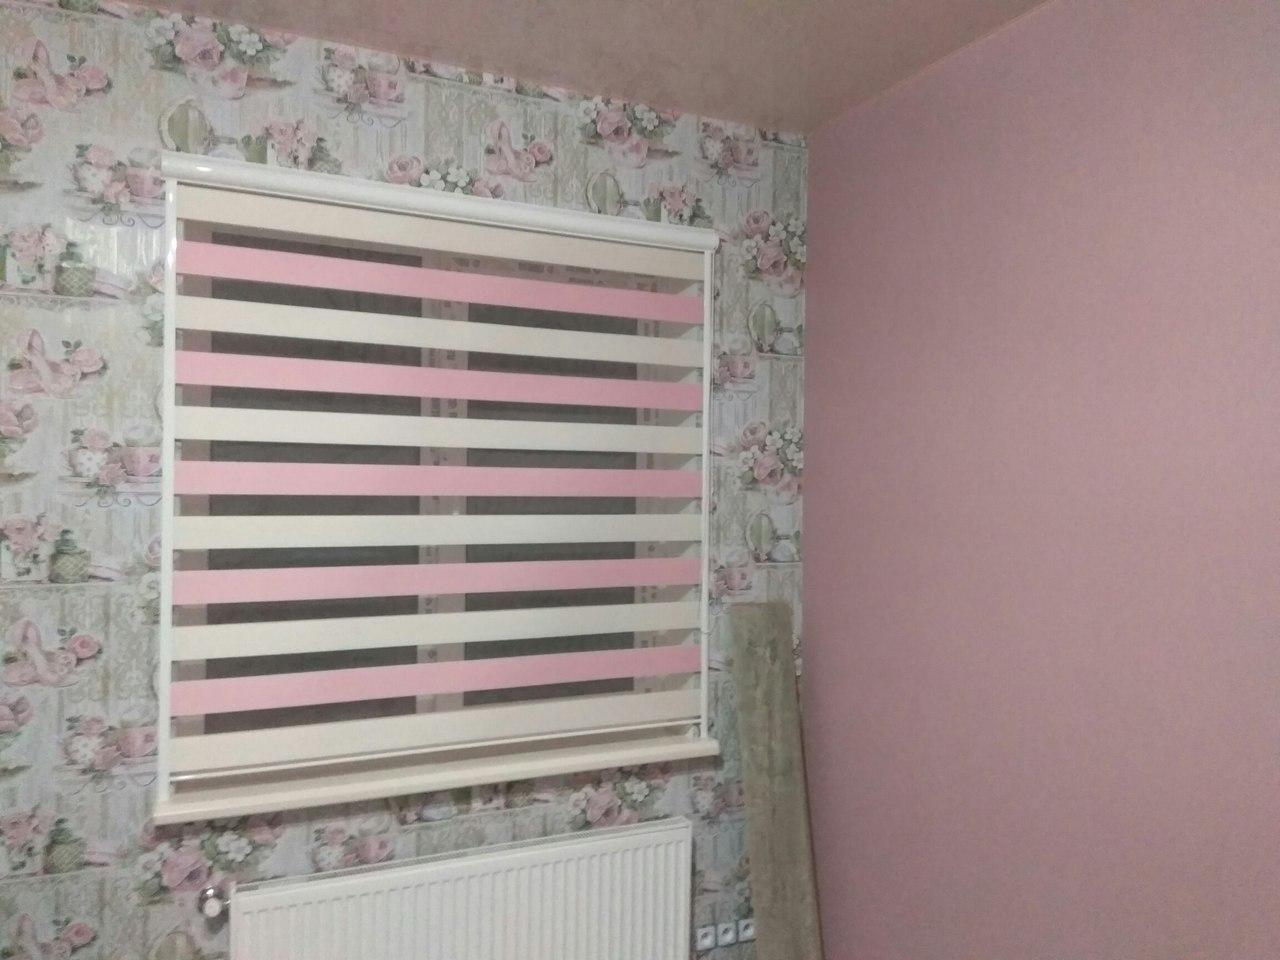 рольштороы день-ночь, белый-розовый